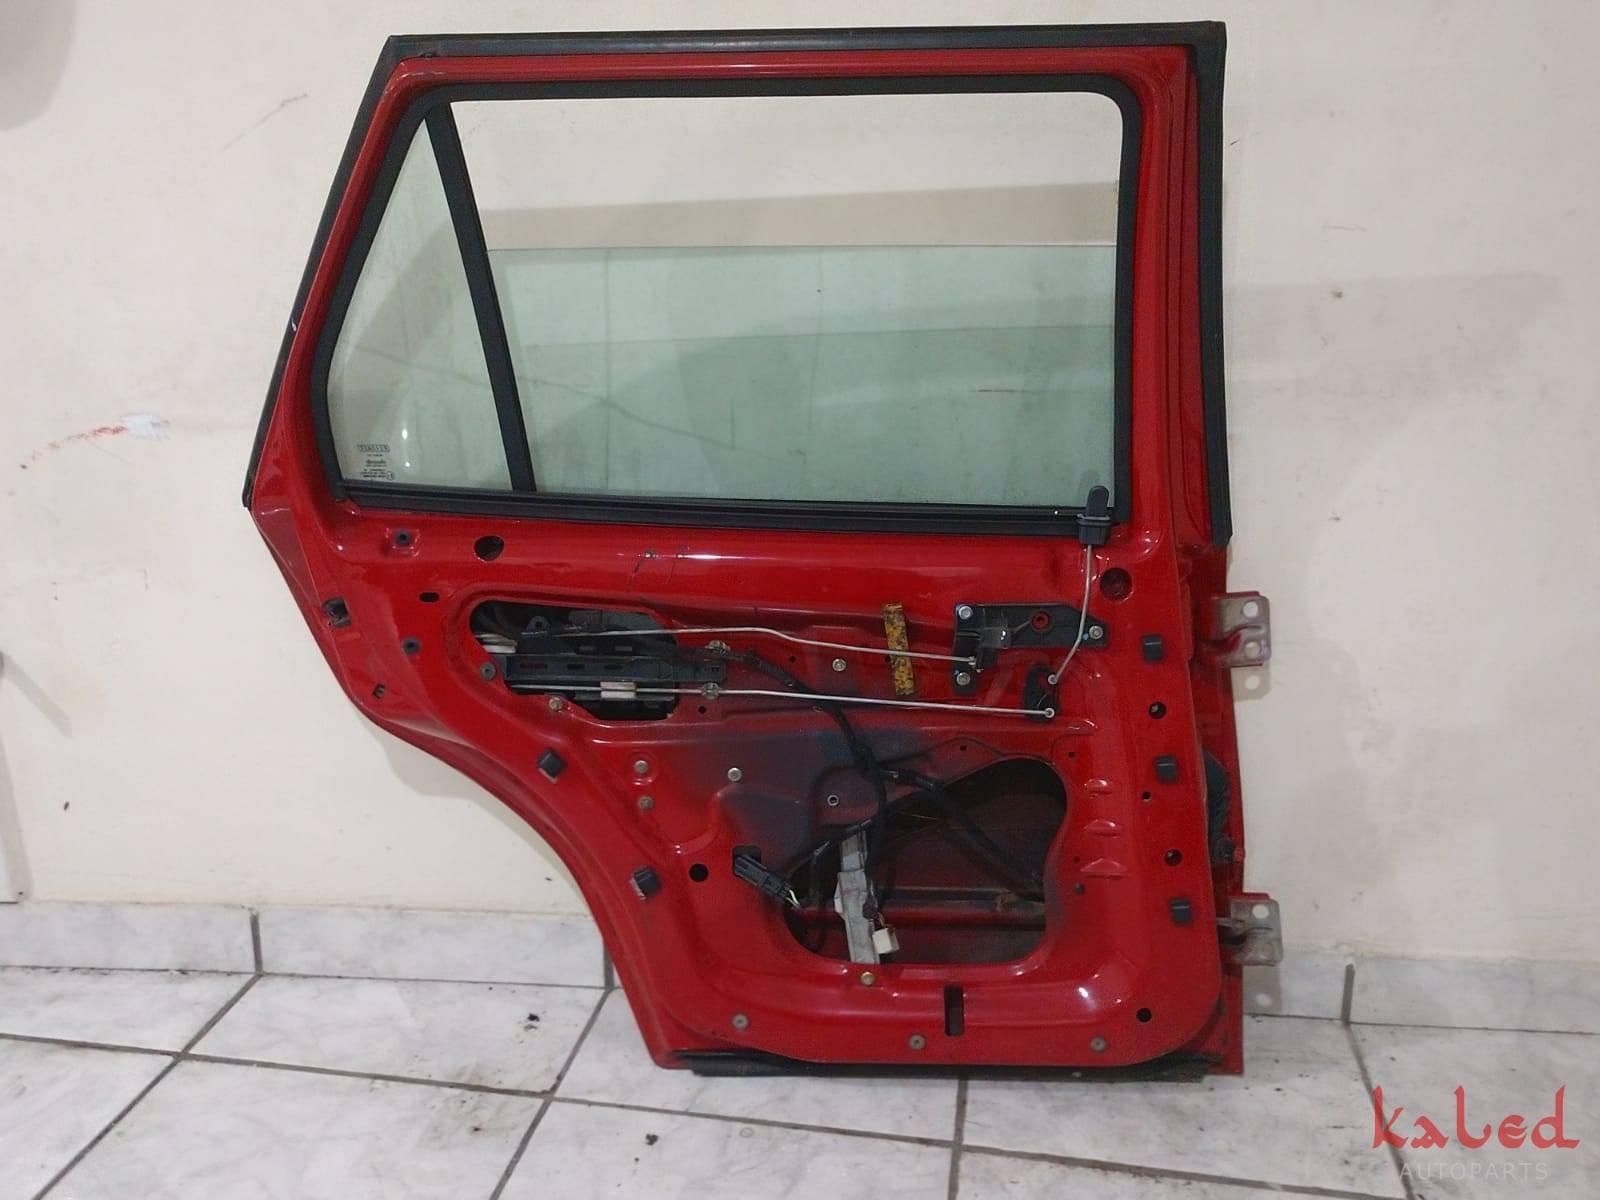 Porta traseira esquerda Fiat Marea Weekend - Kaled Auto Parts